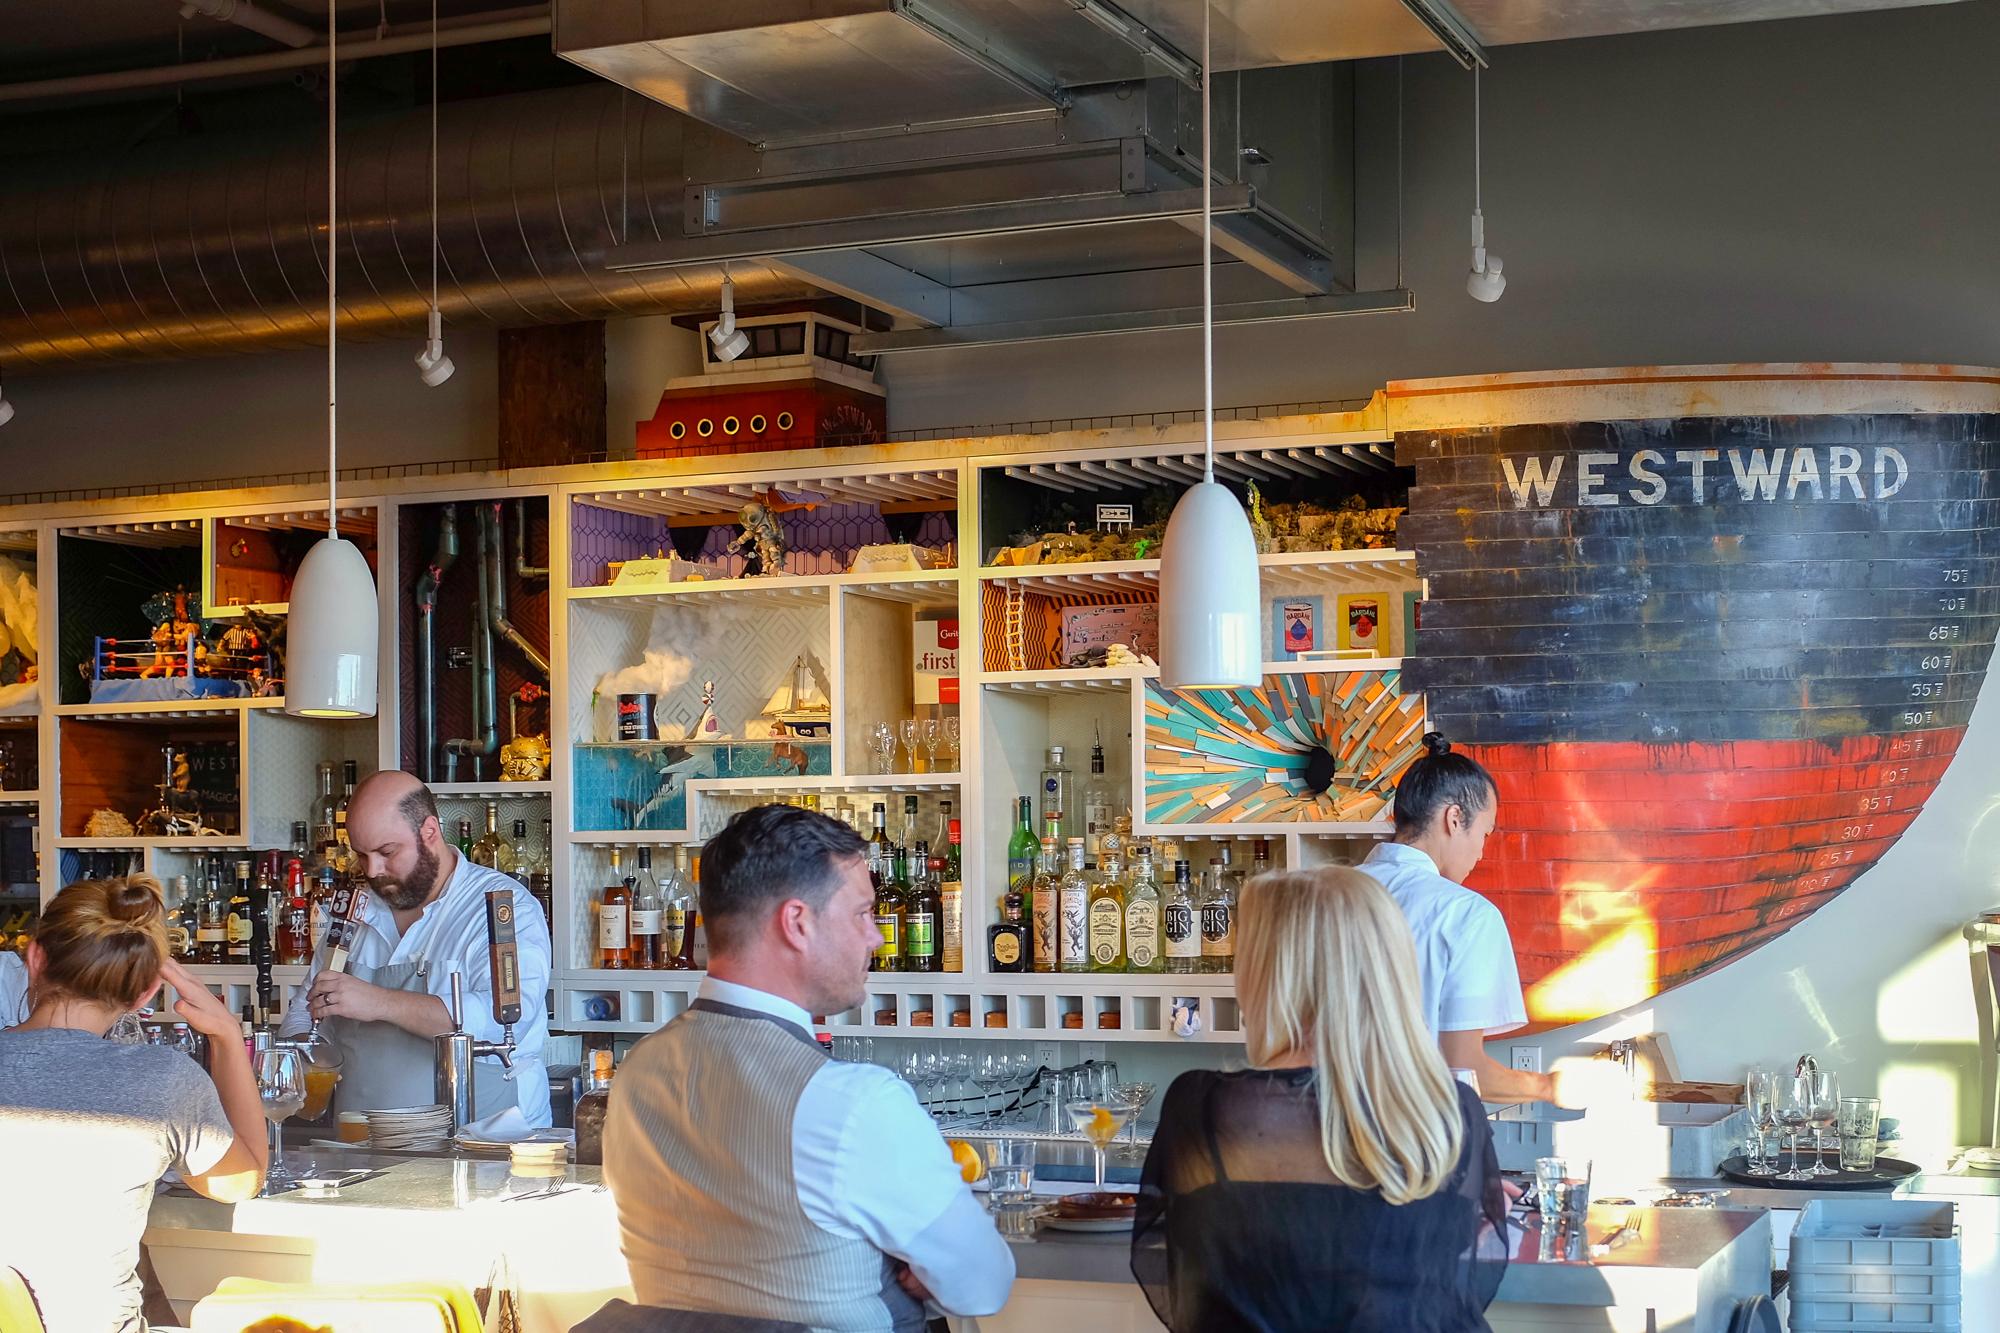 Seattle Musts: Joule, Westward, Ma'Ono Fried Chicken & Whisky